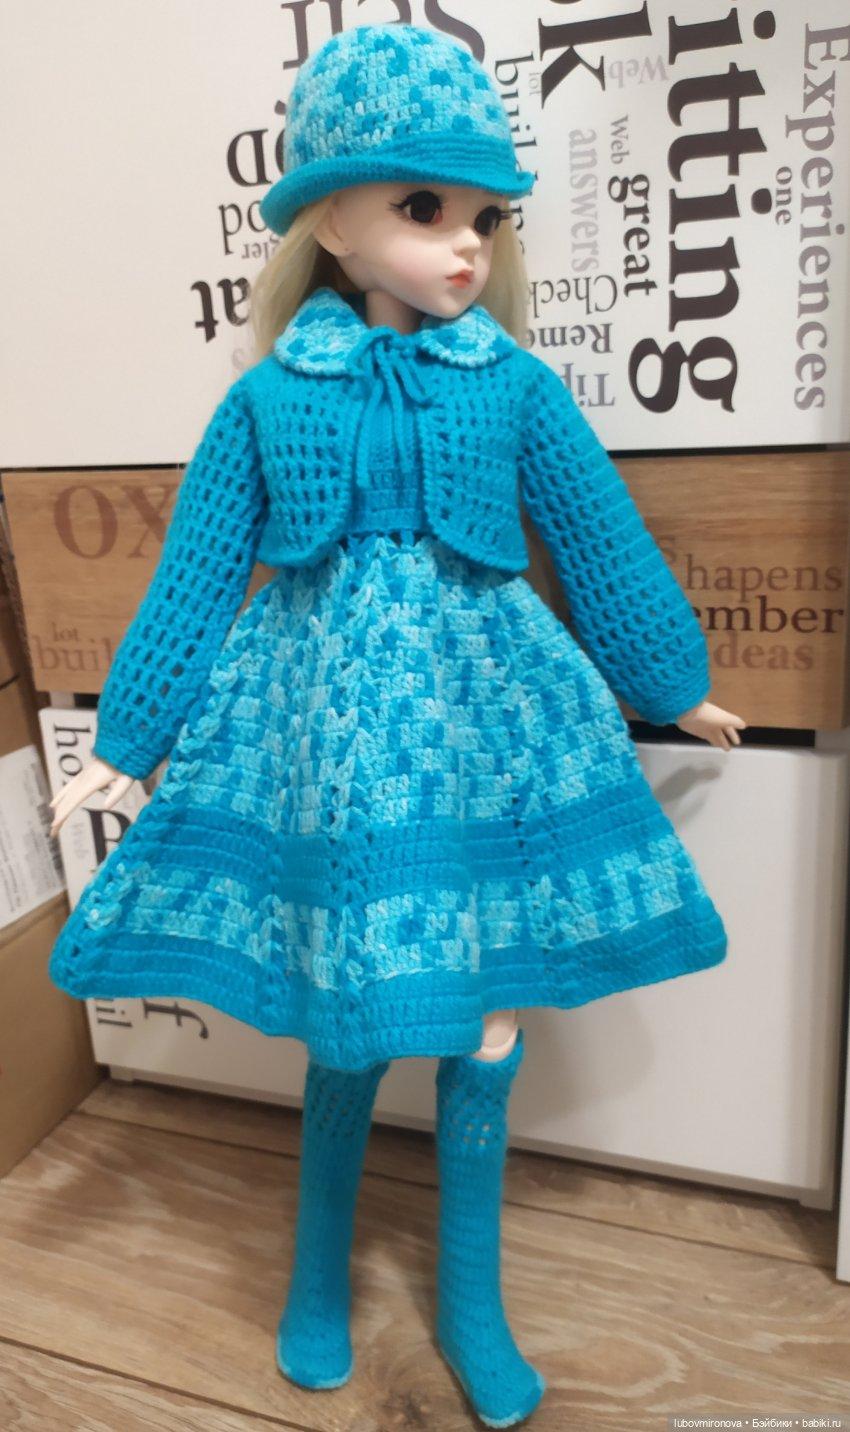 Куколка Жасмин.1/3шарнирная.Связала ей платье, кофточку, шляпку и ботфорды.